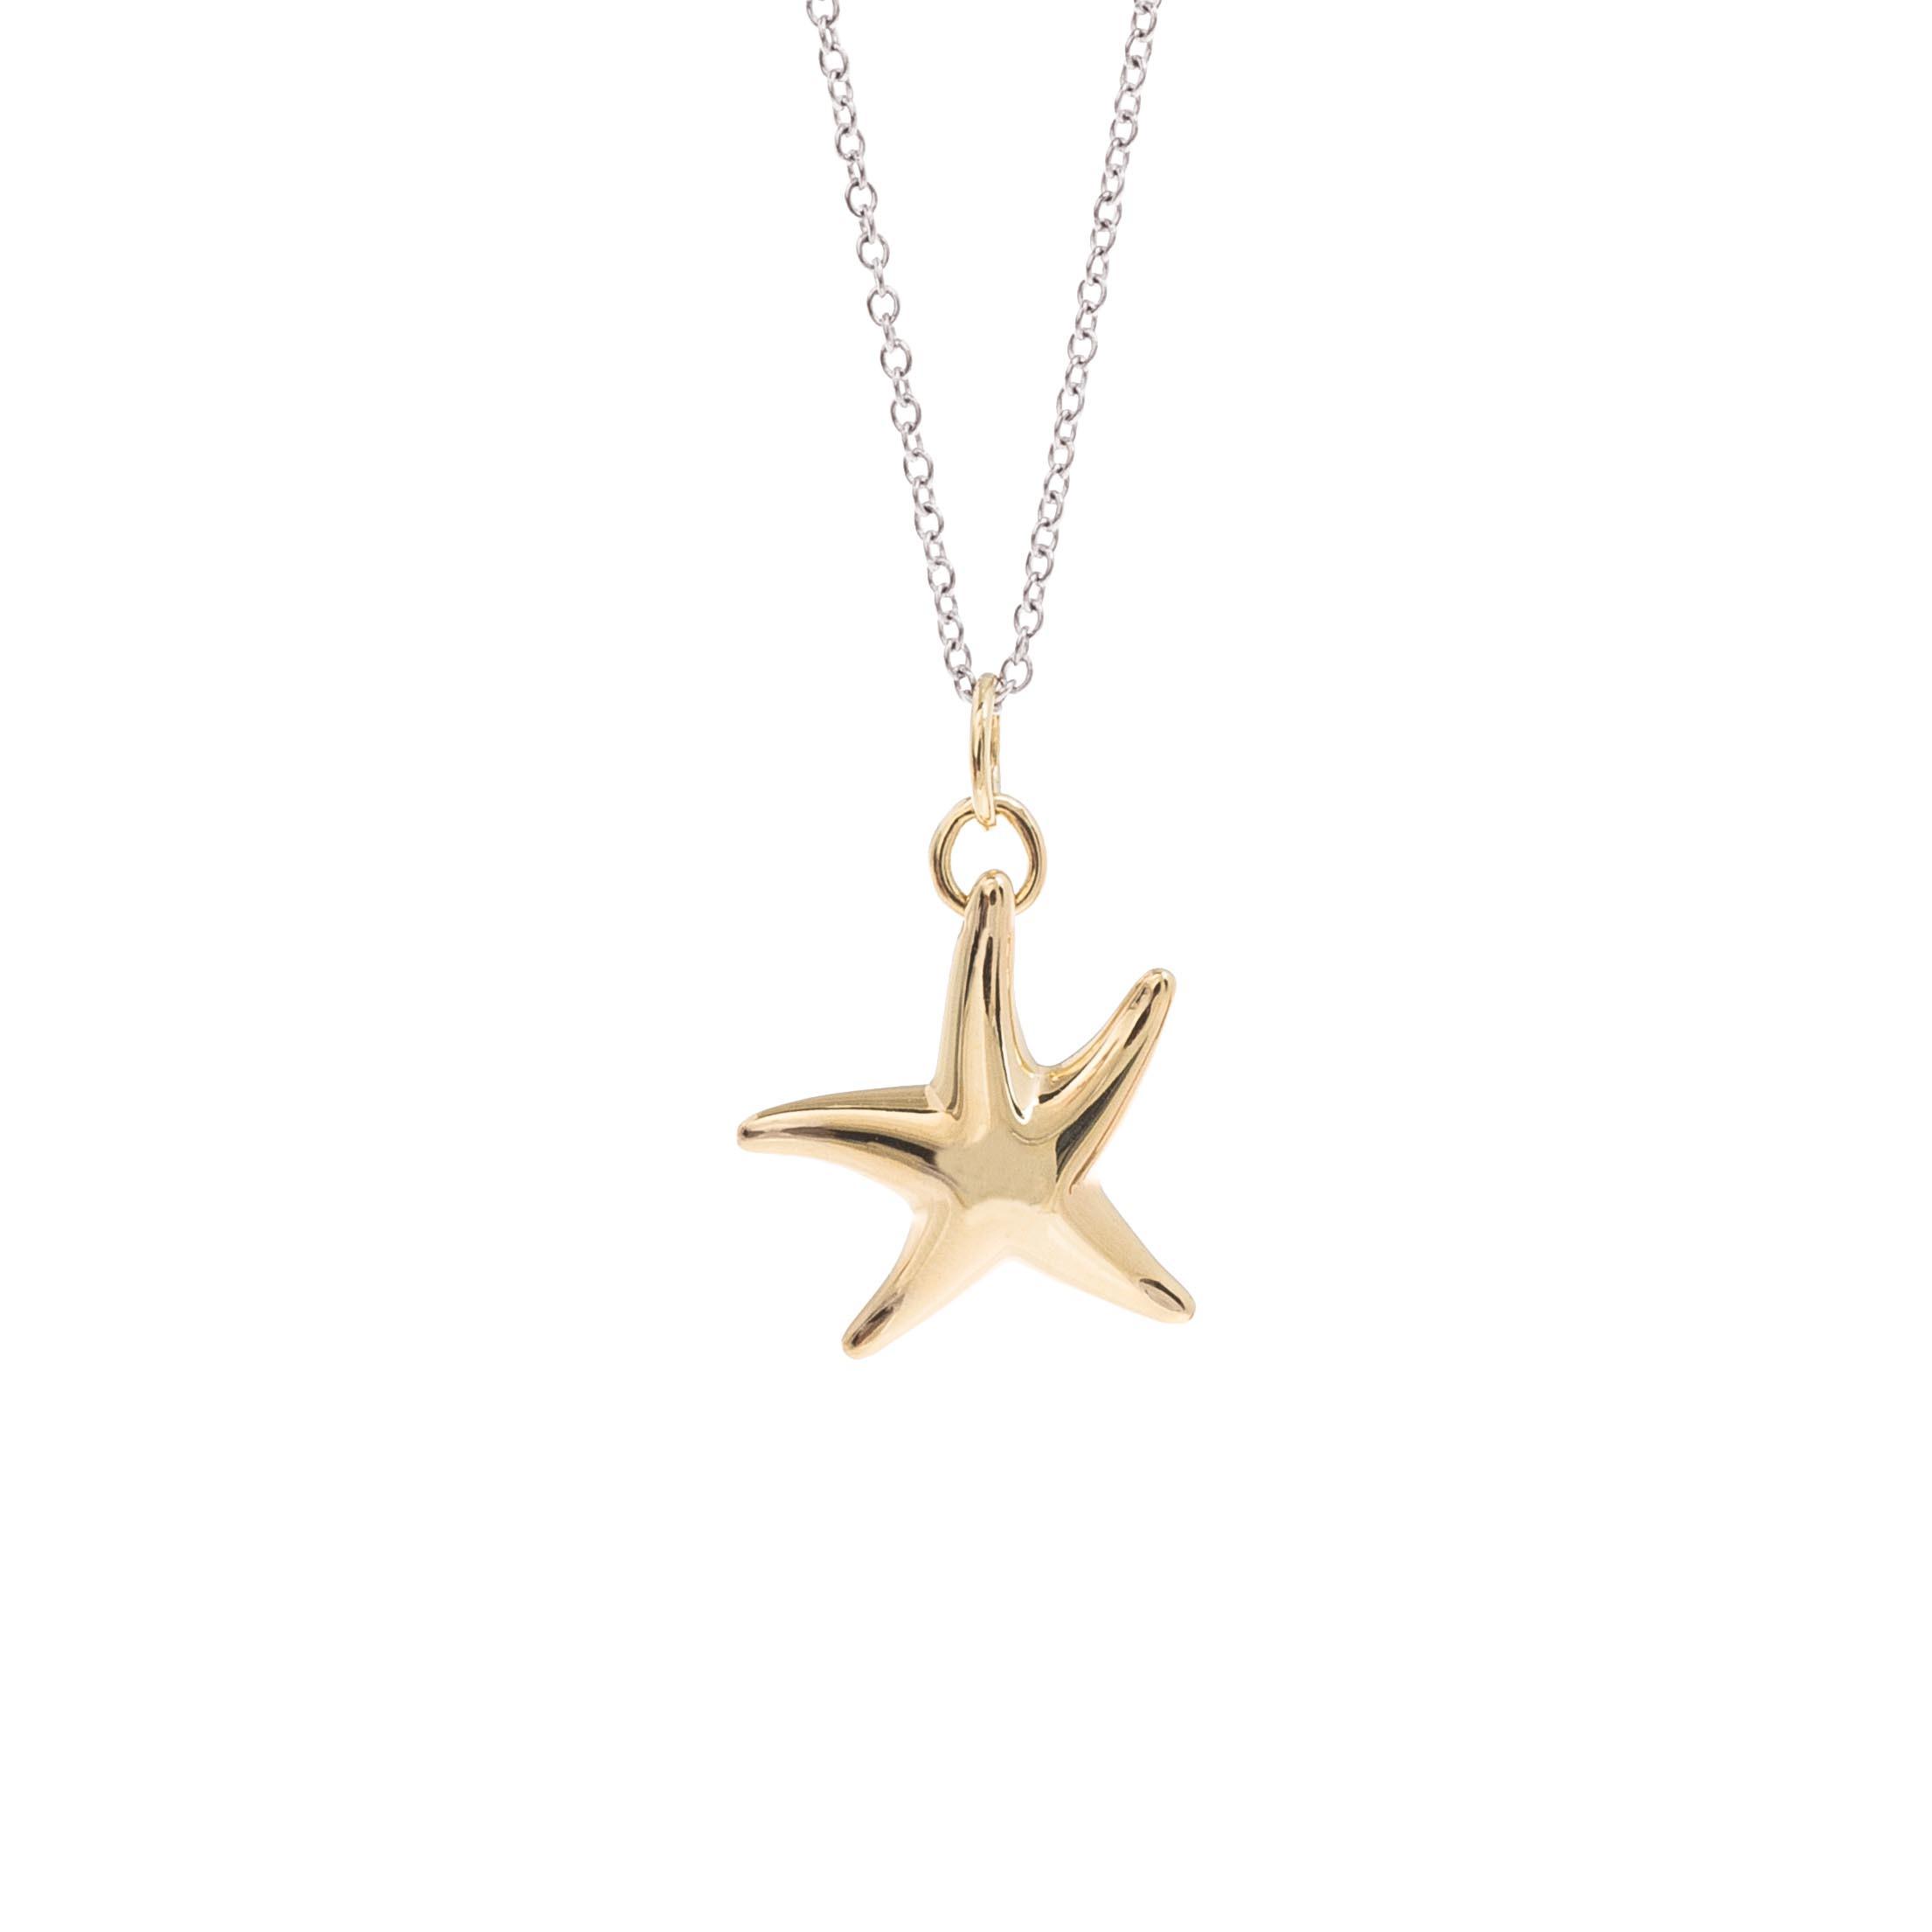 Vintage Tiffany & Co. Elsa Peretti Starfish Charm